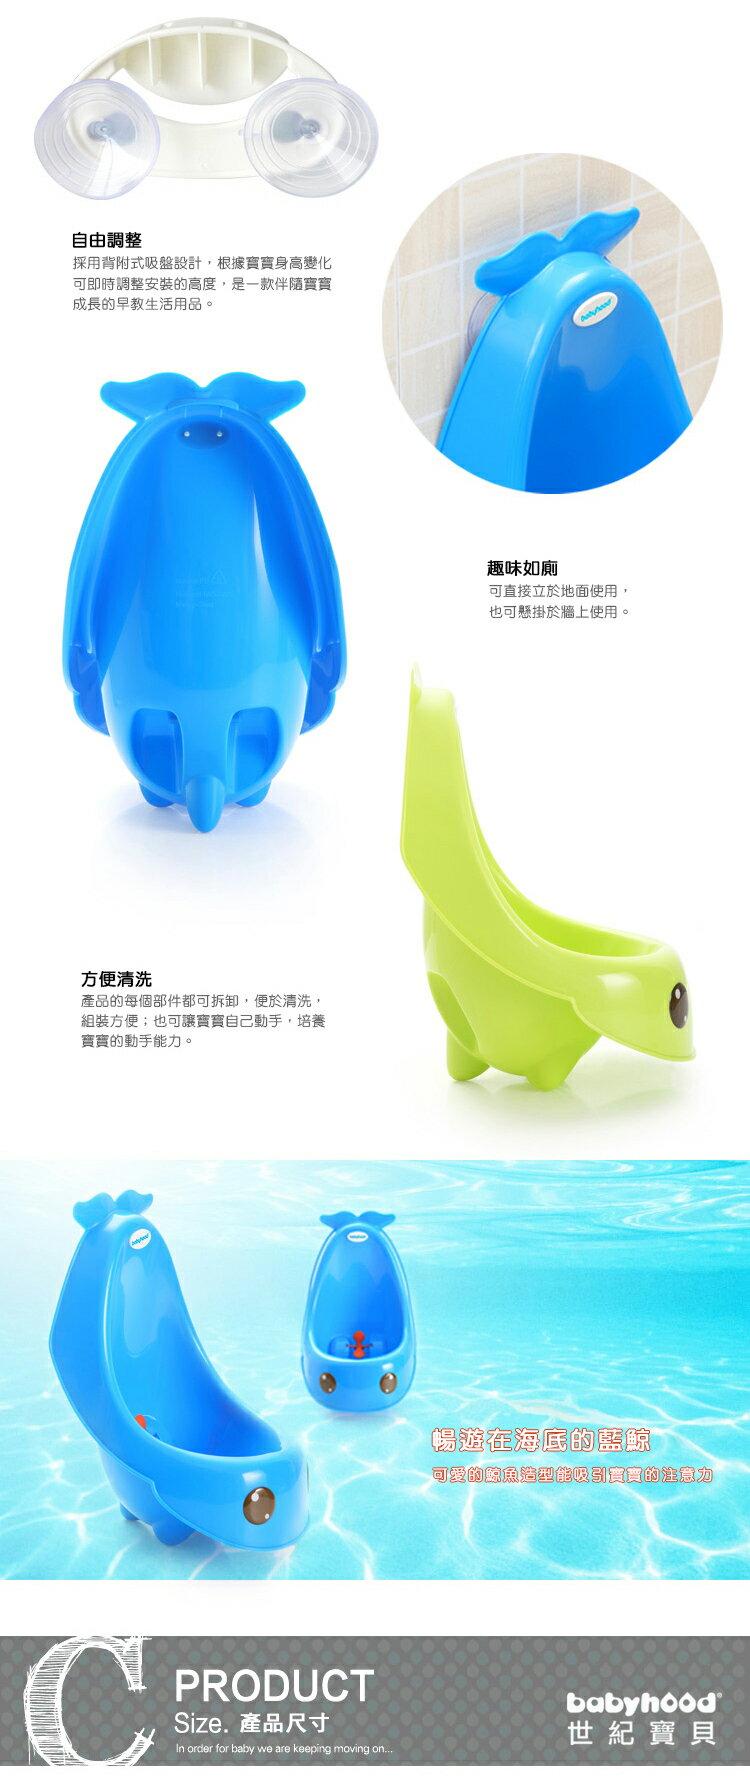 『121婦嬰用品館』傳佳知寶 babyhood 藍鯨艾達便斗 - 綠色 5